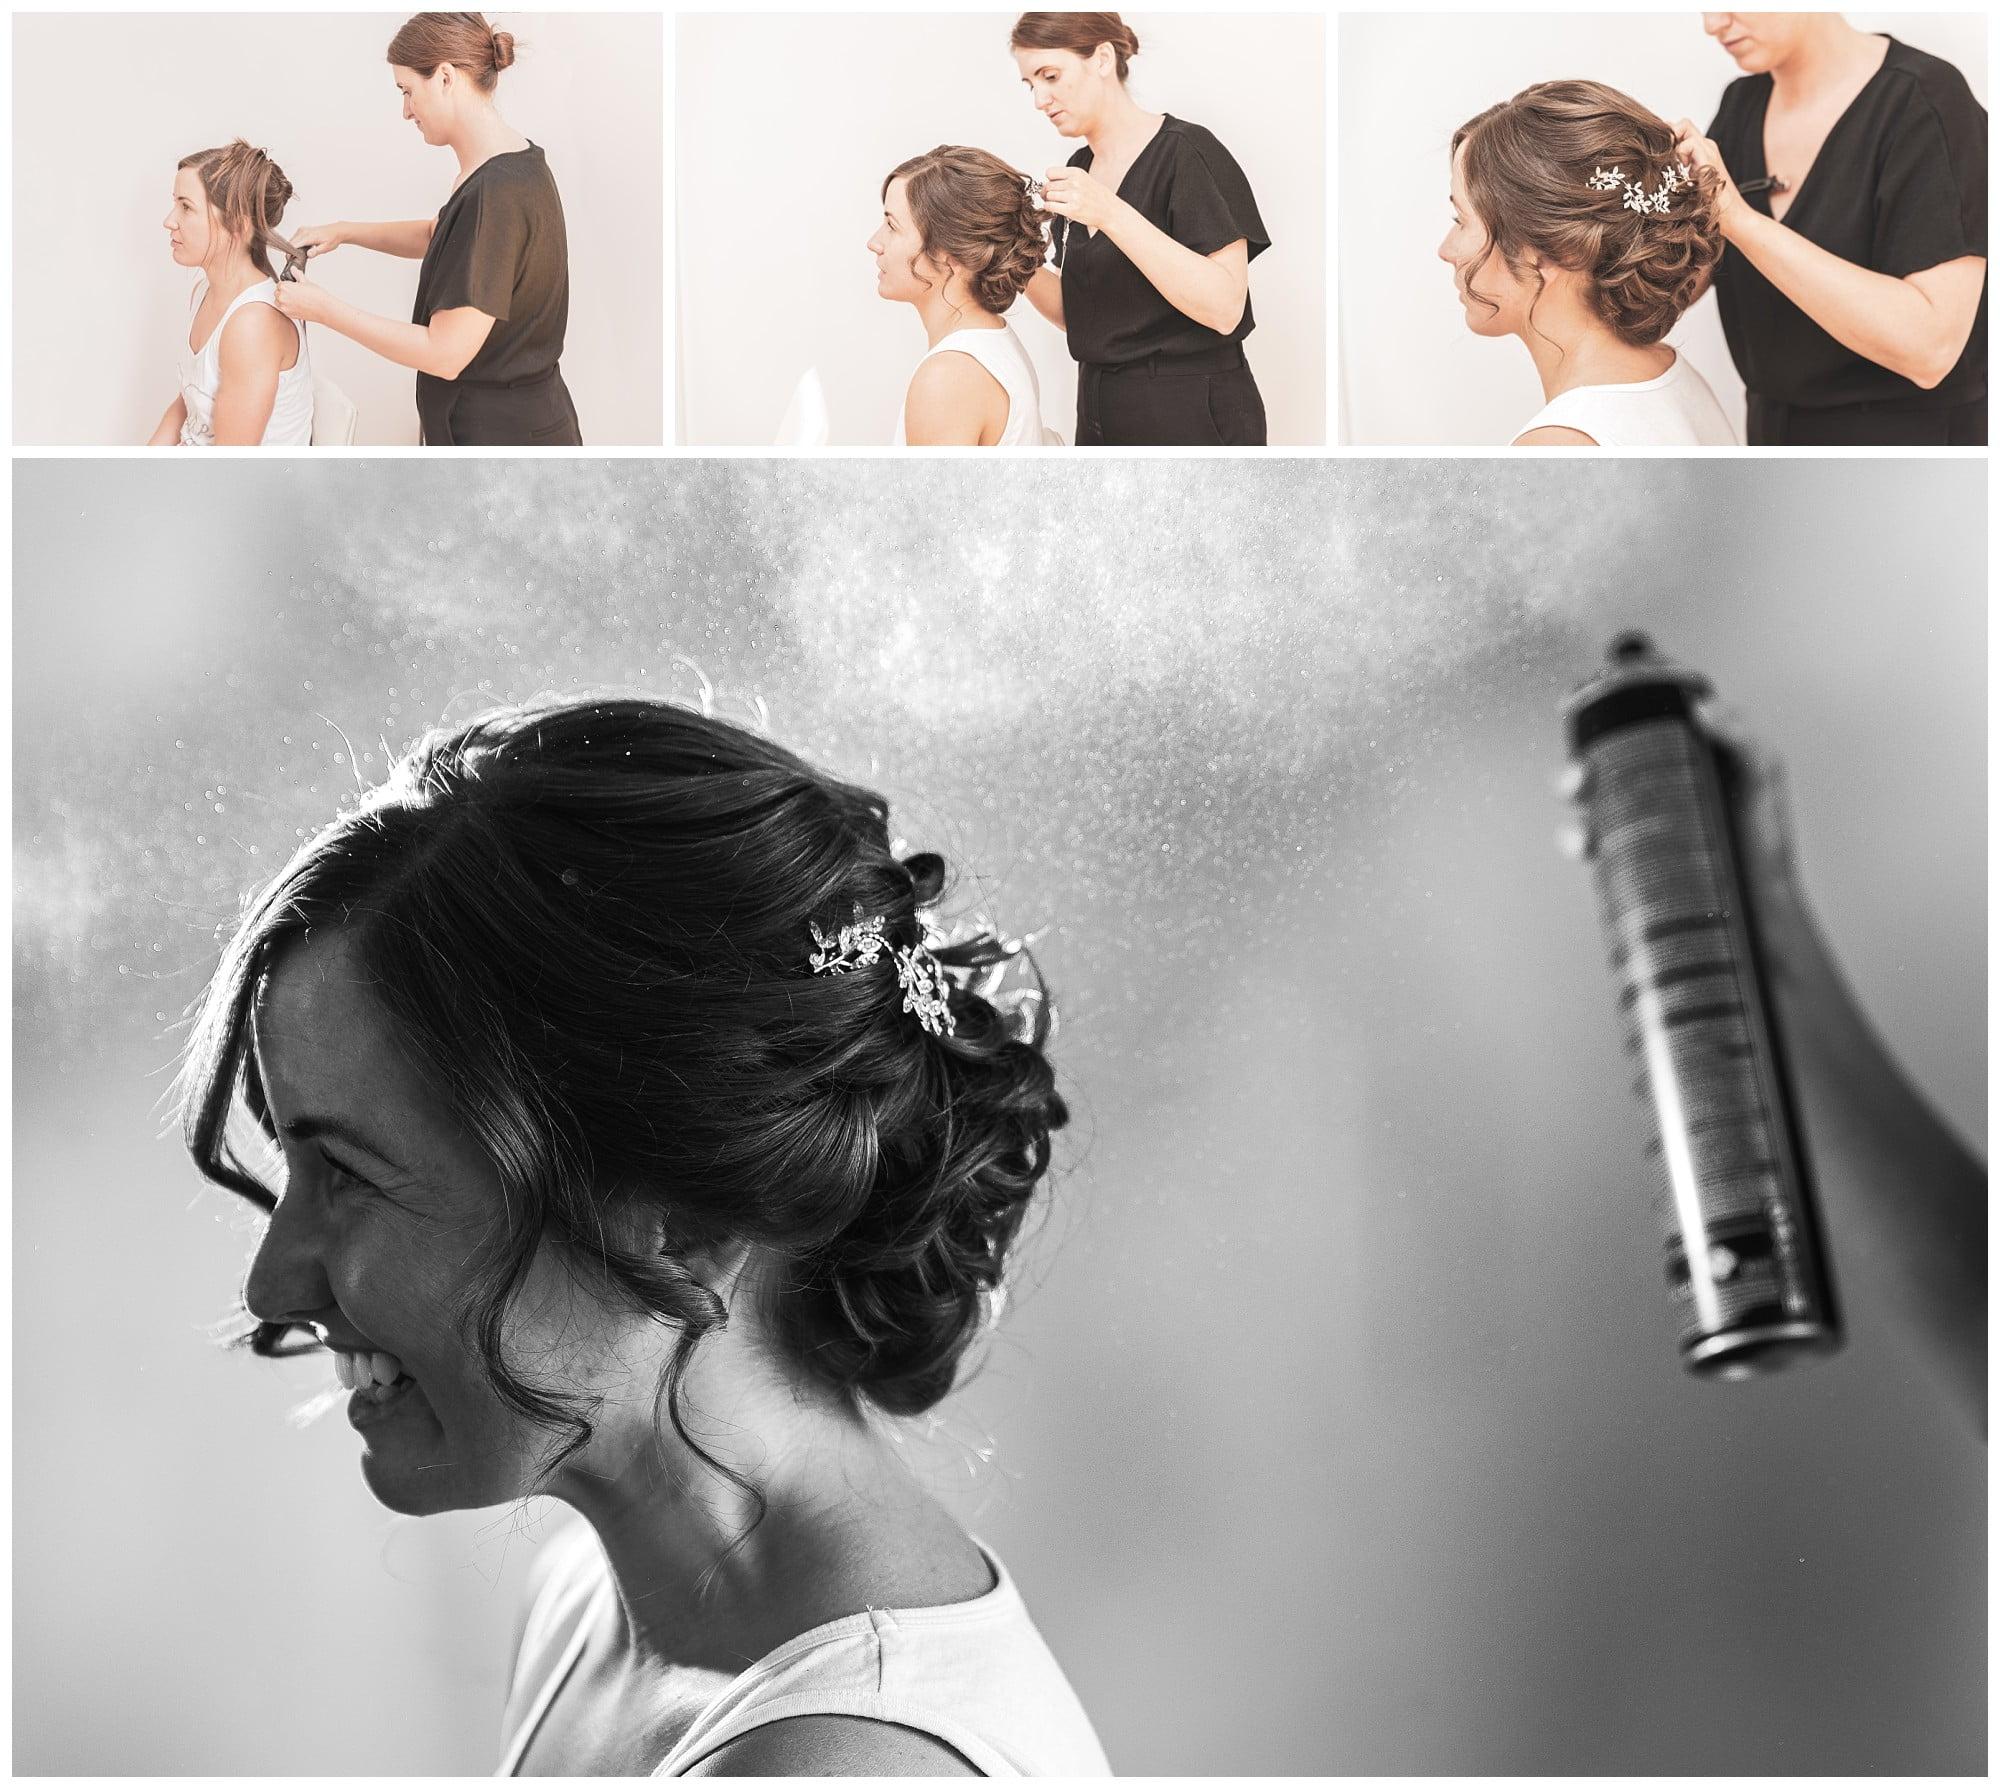 hairspray shot